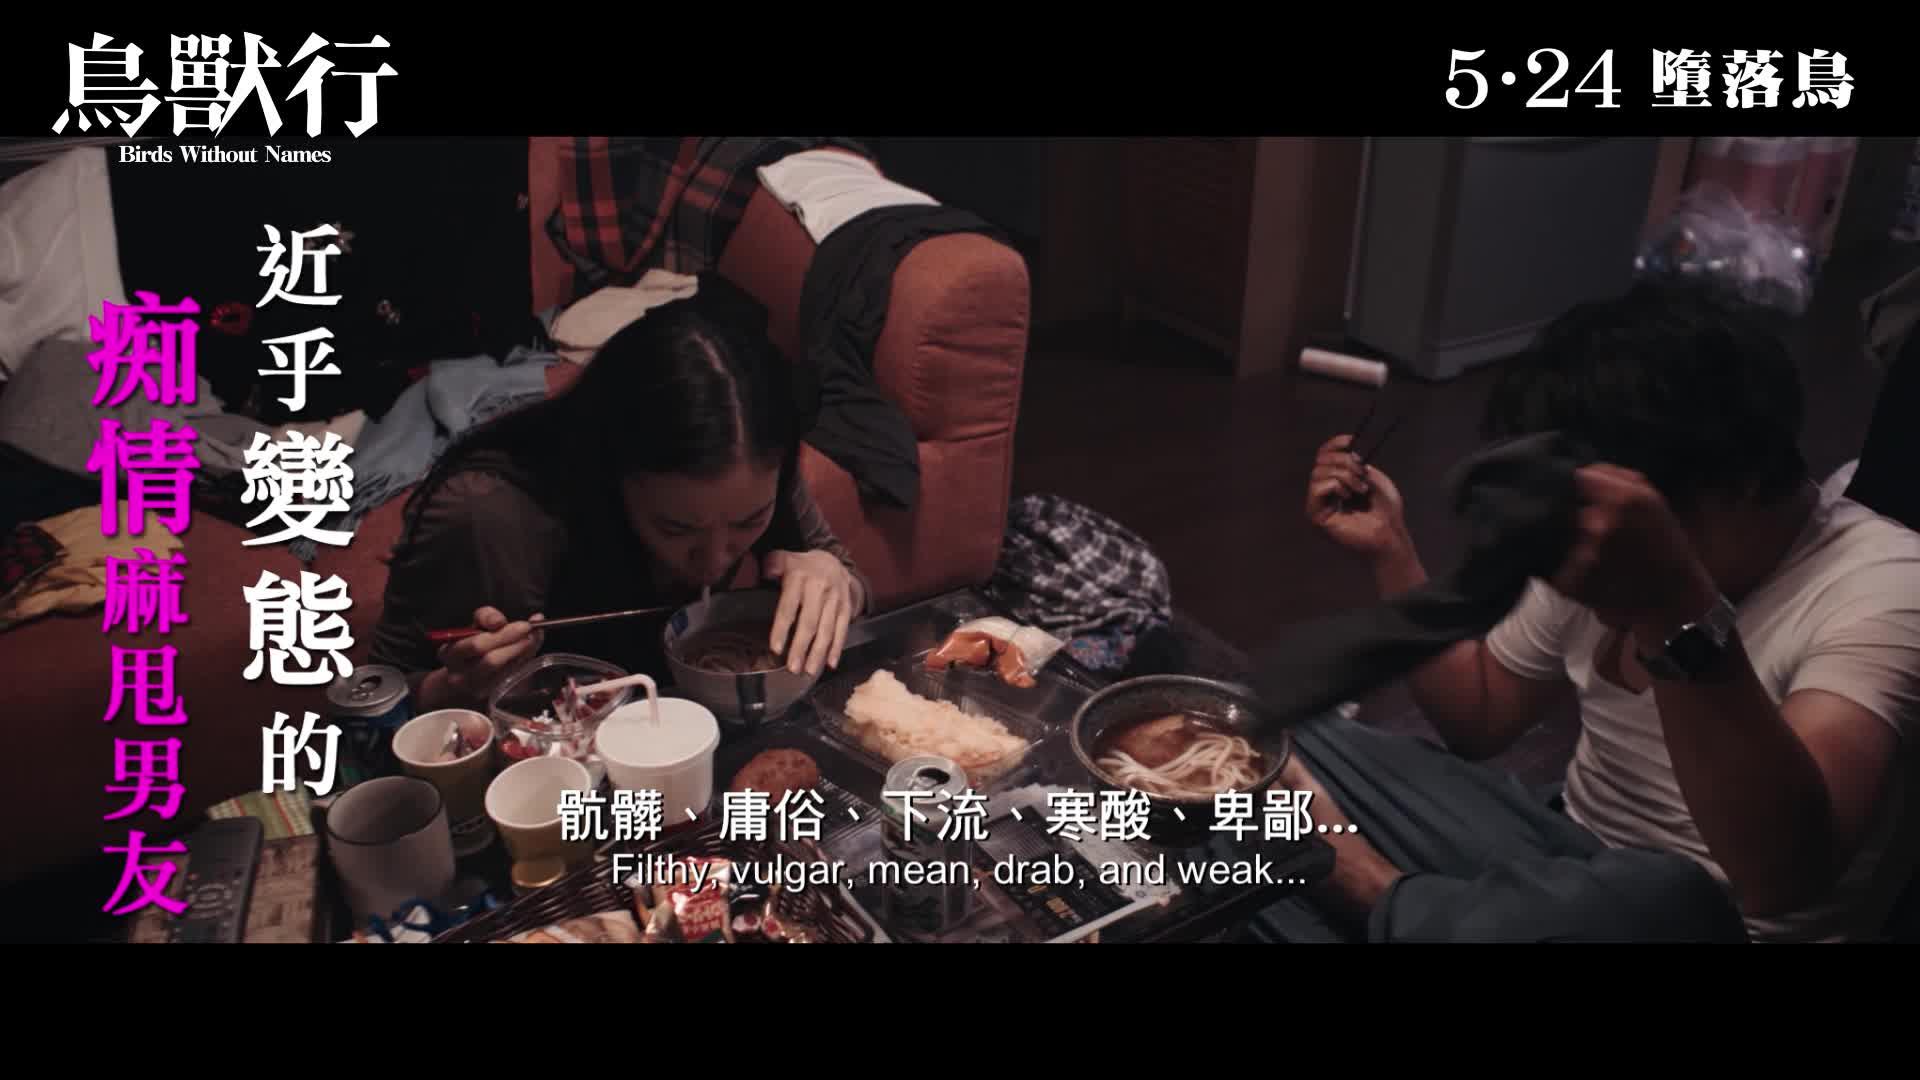 《鳥獸行》中文版預告